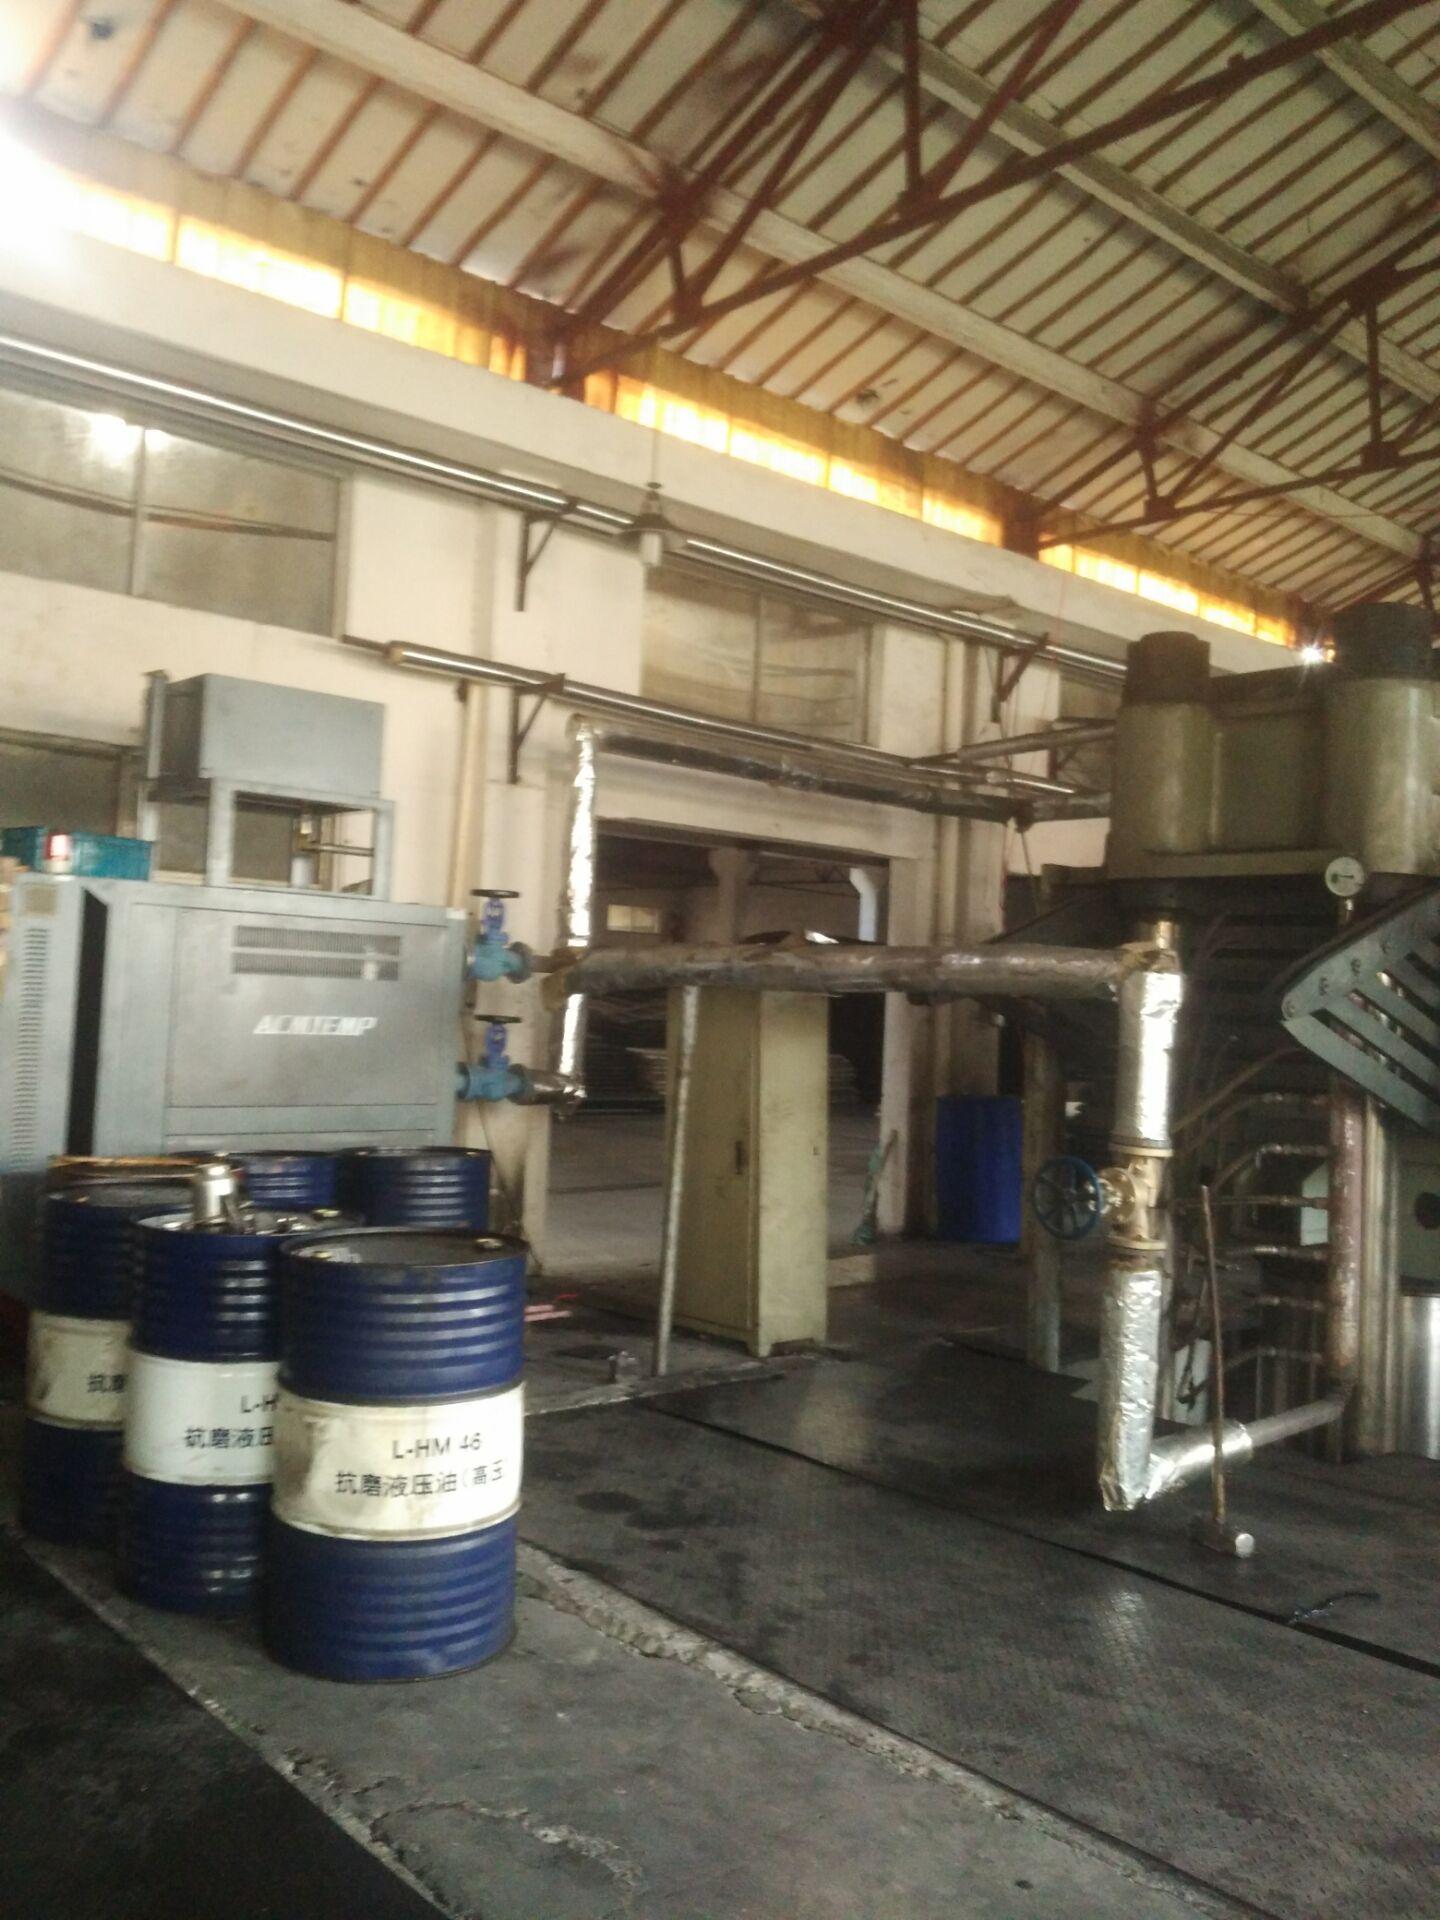 江苏高光模温机生产厂家,苏州阿科牧精机,常州阿科牧加热机